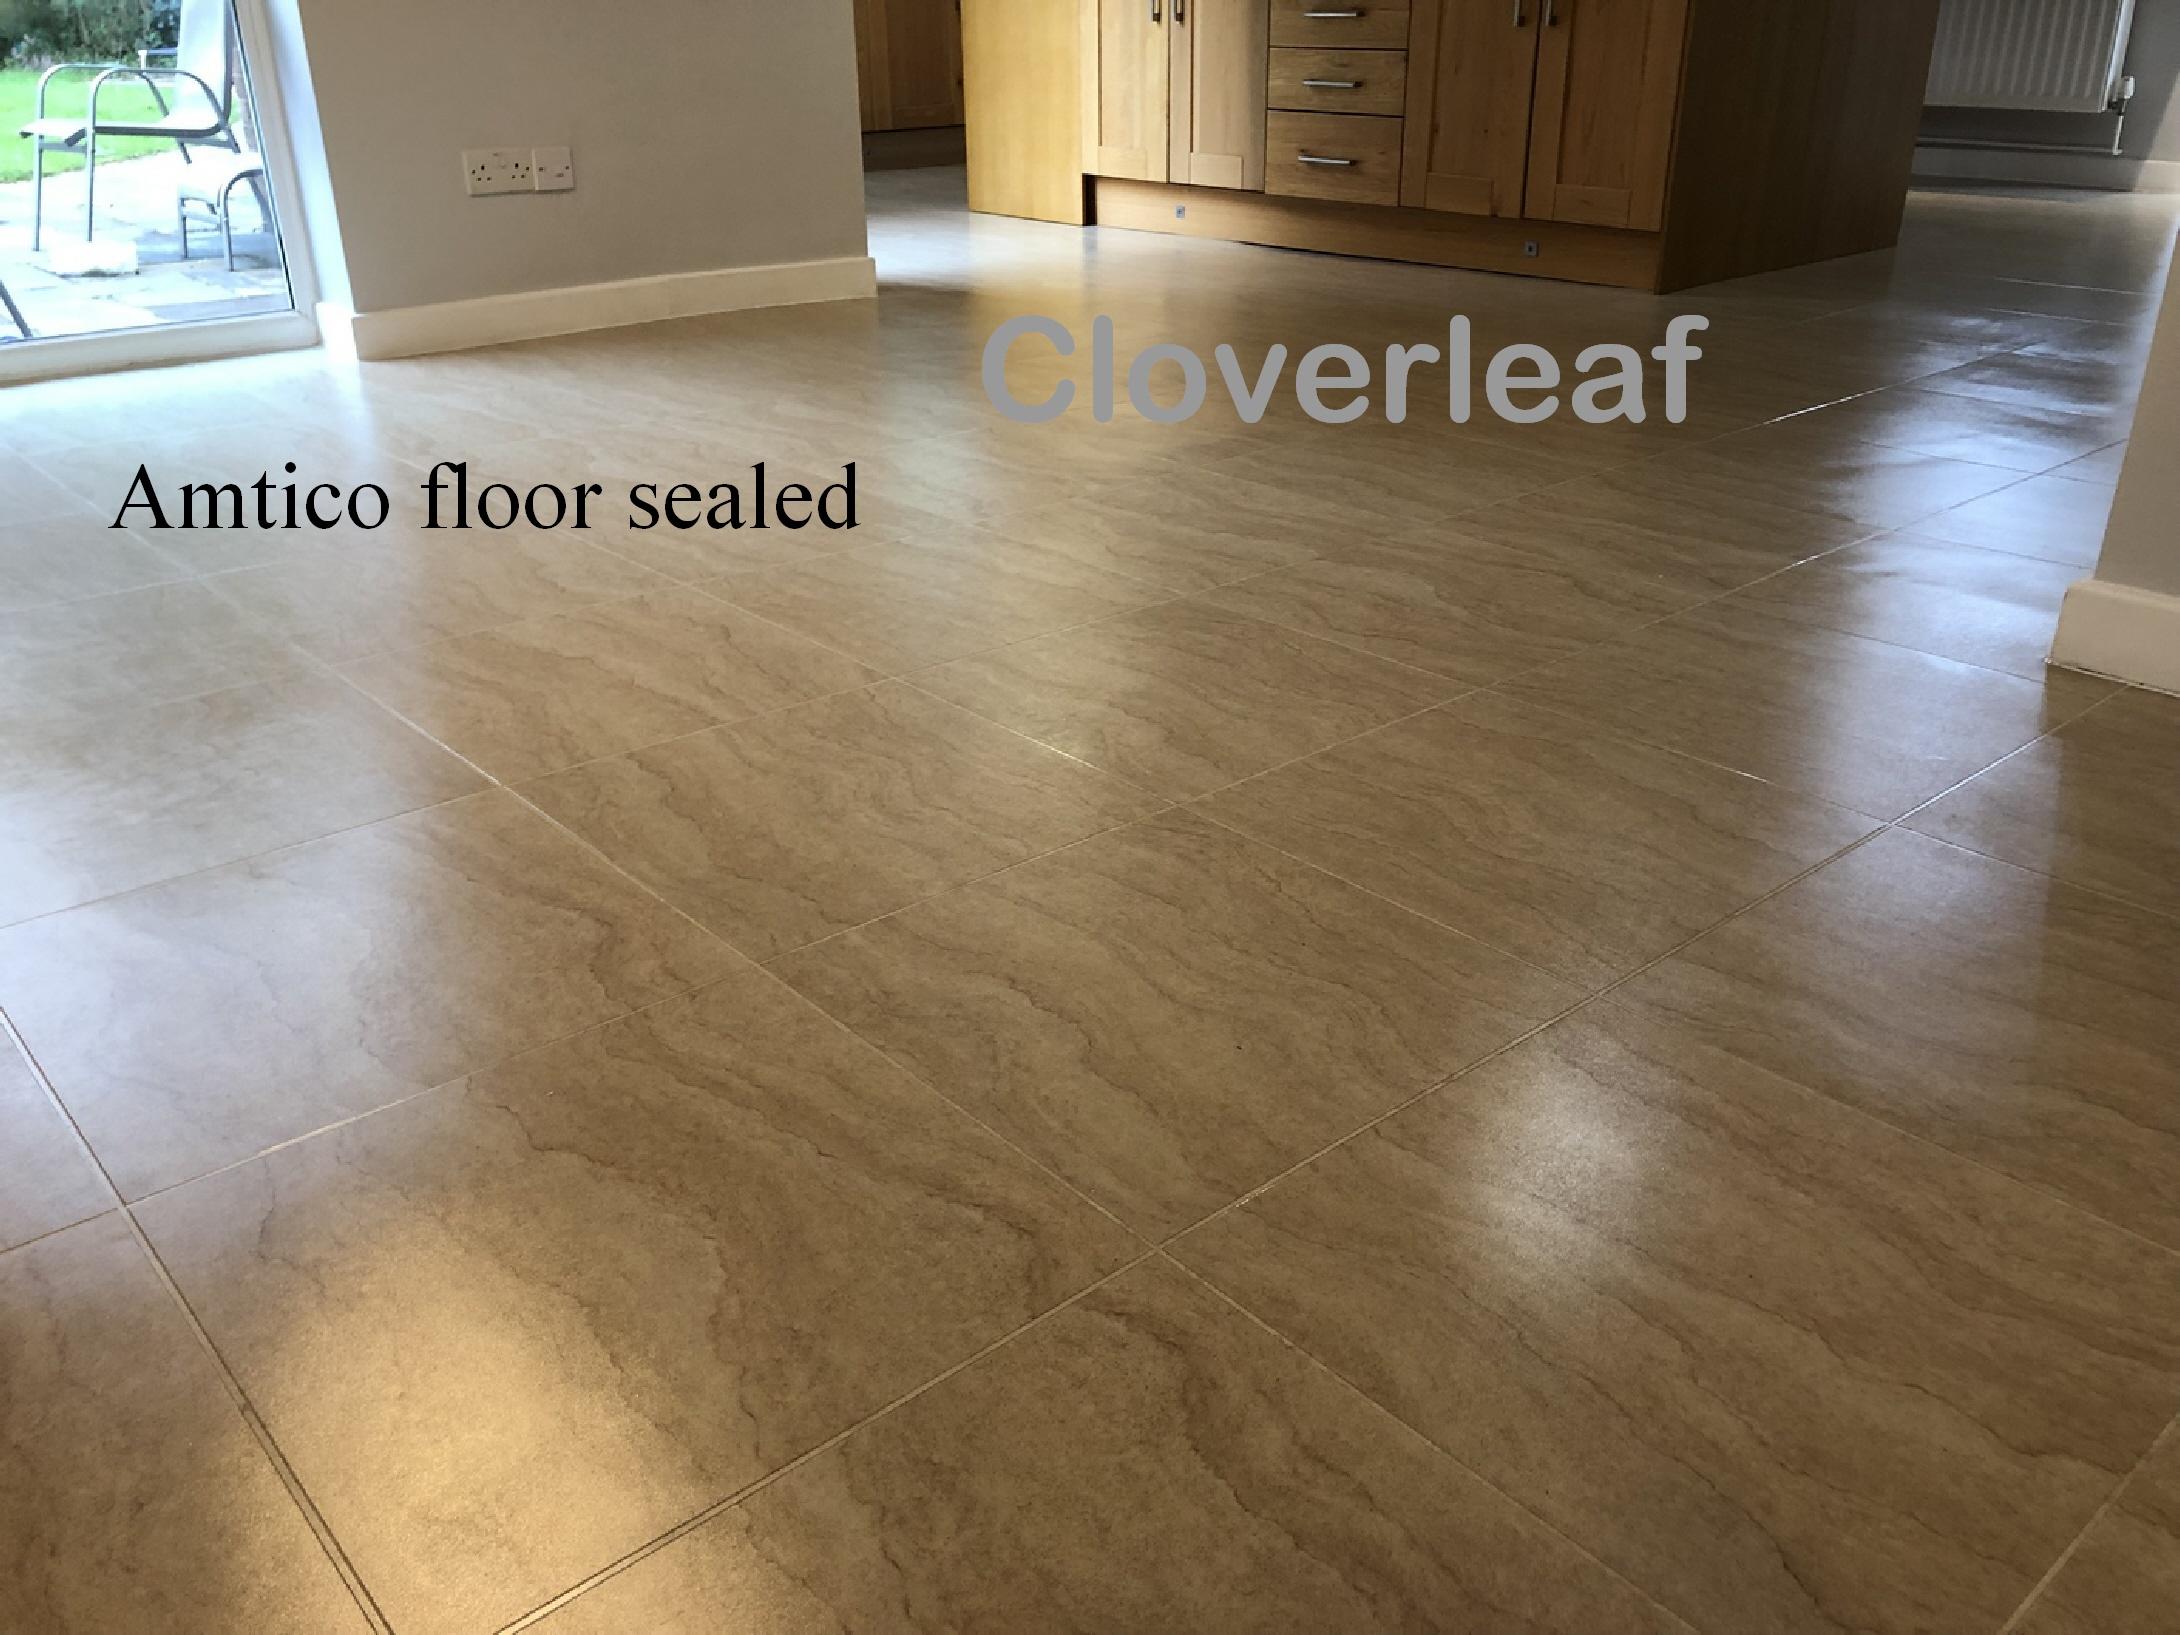 Amtico floor with seal